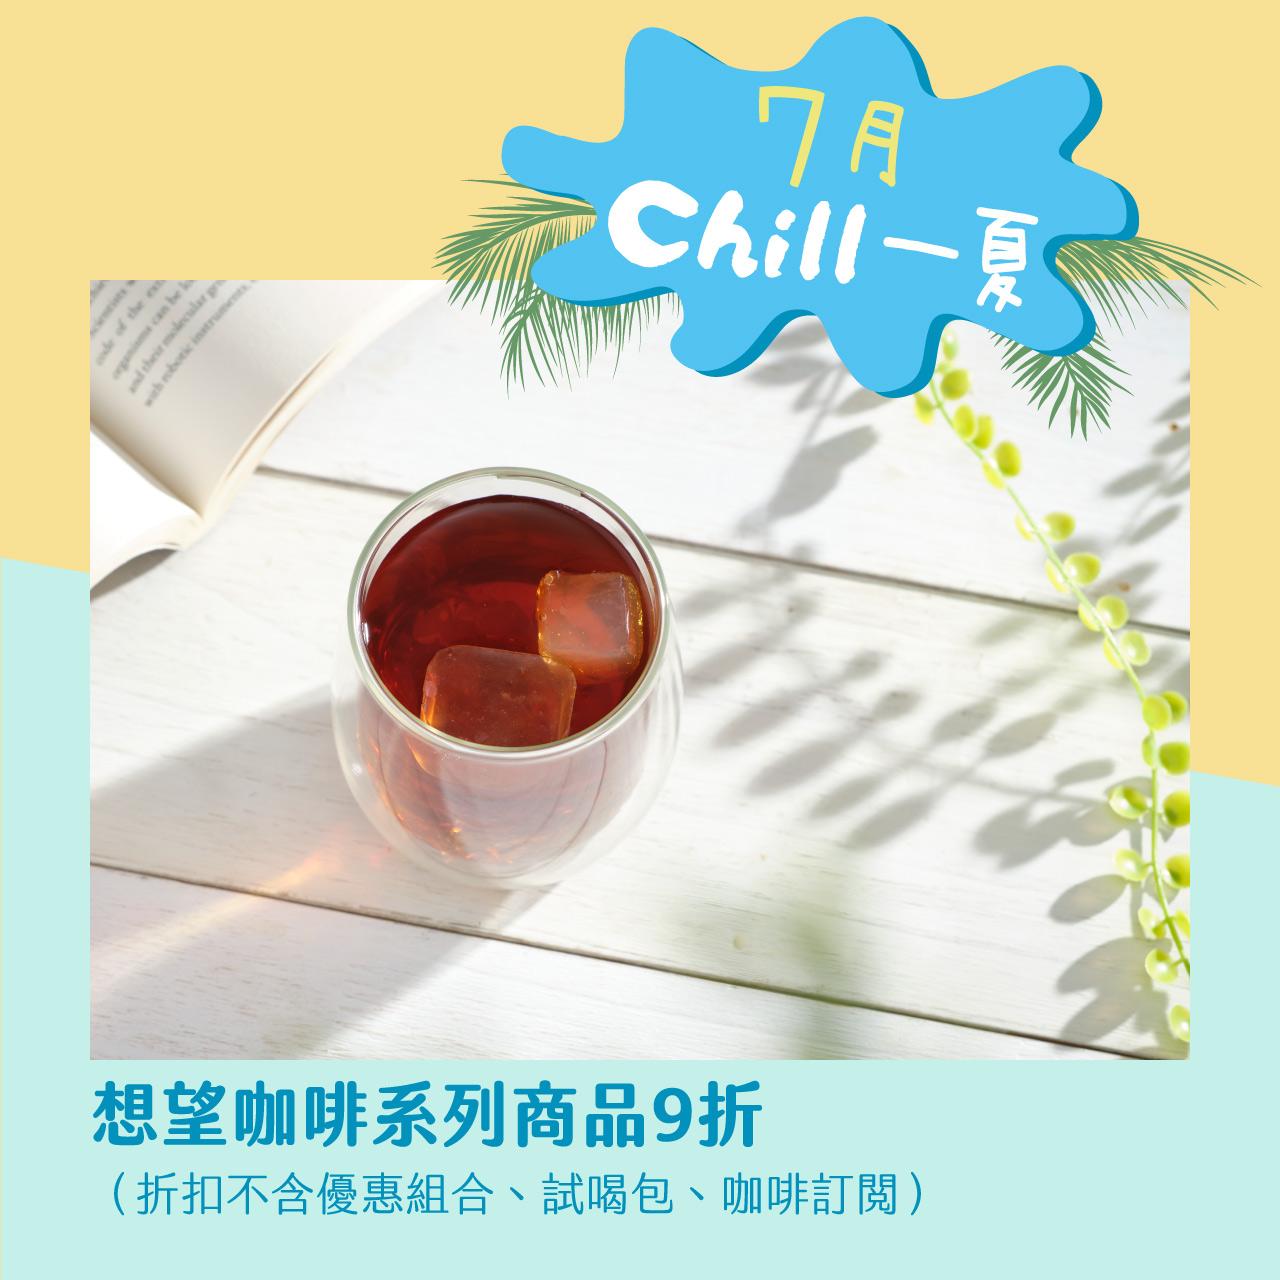 七月Chill一夏,想望咖啡系列9折